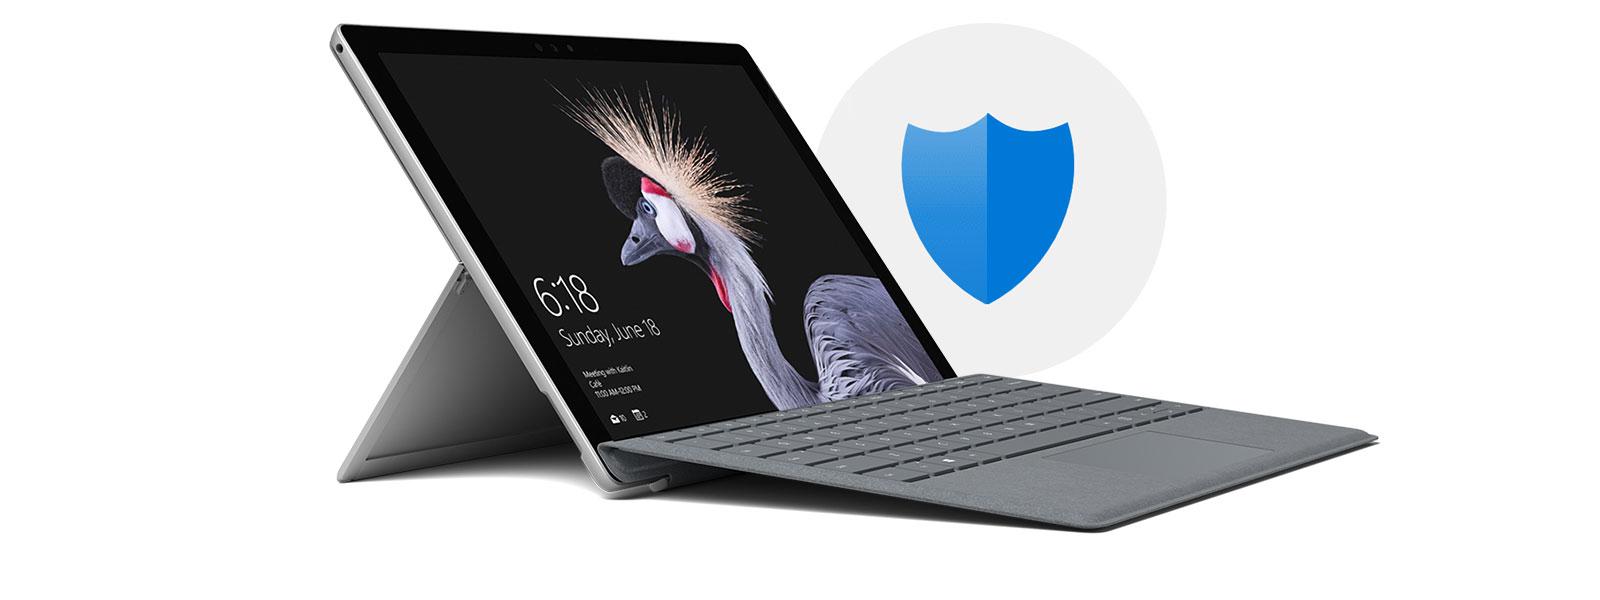 Surface Pro في وضع الكمبيوتر المحمول تظهر عليه شاشة البدء مواجهة لليمين، ورمز حماية أمنية في الخلفية.